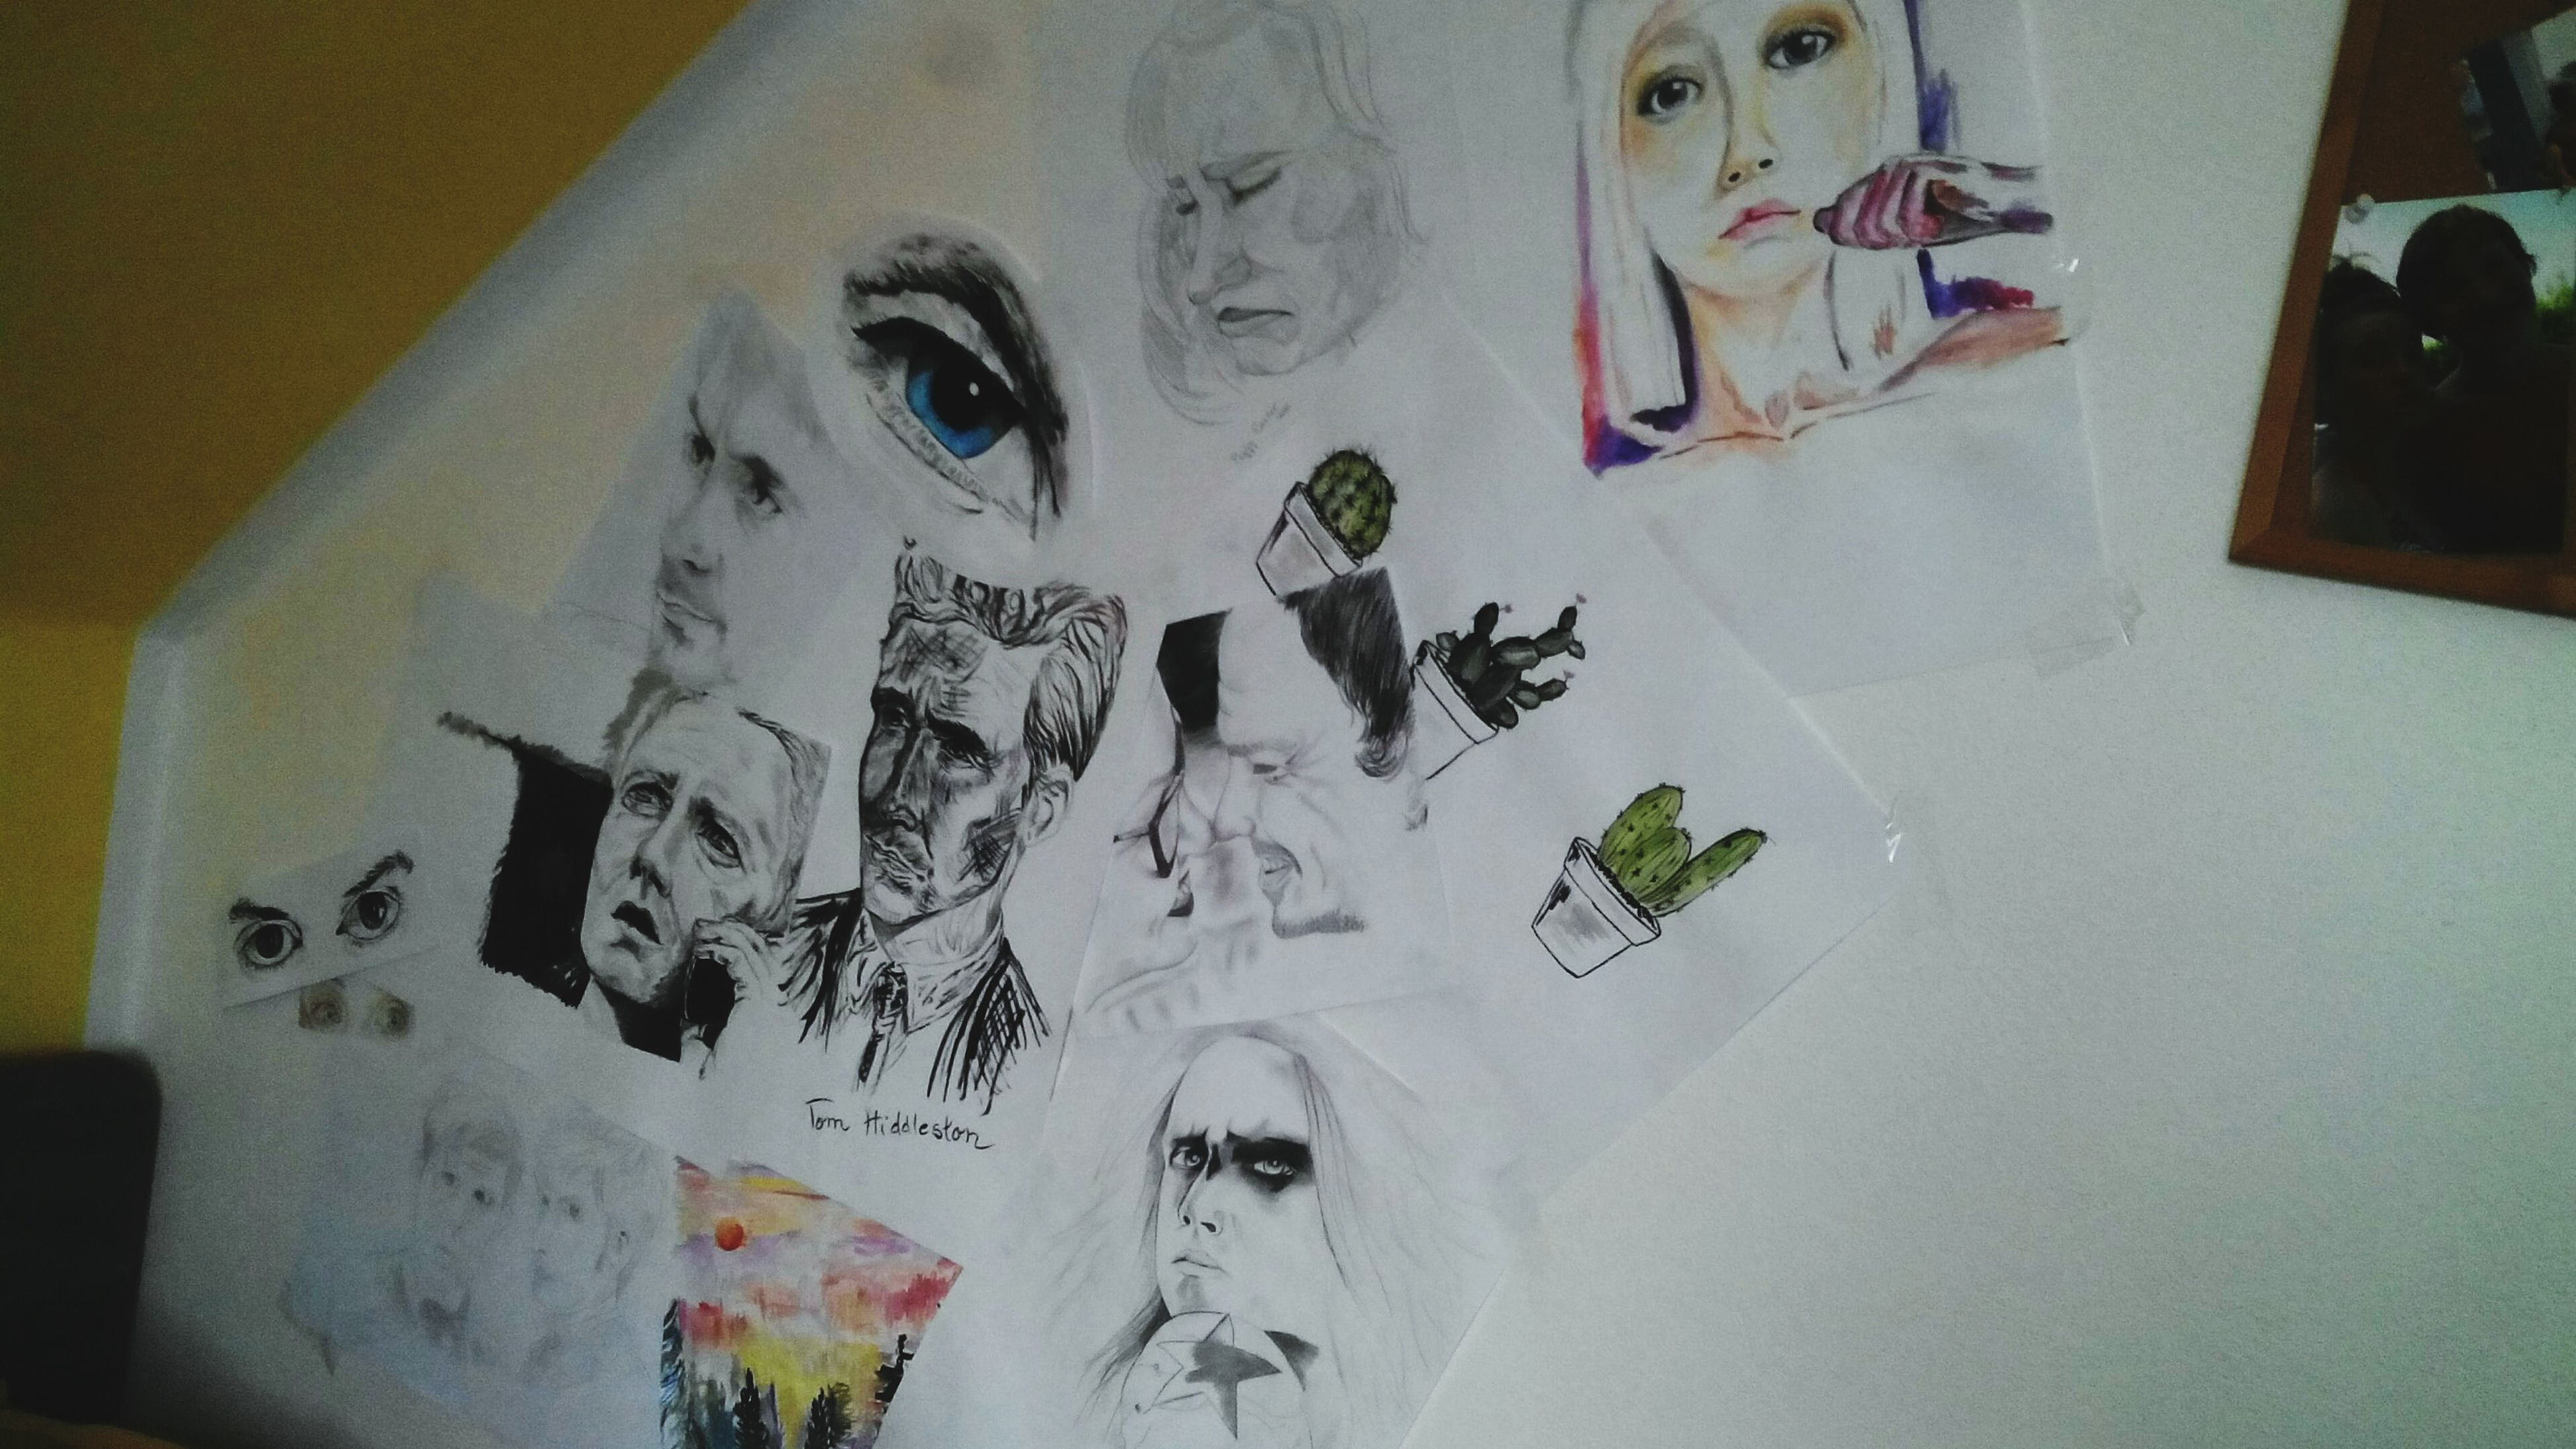 Wall full of drawings...